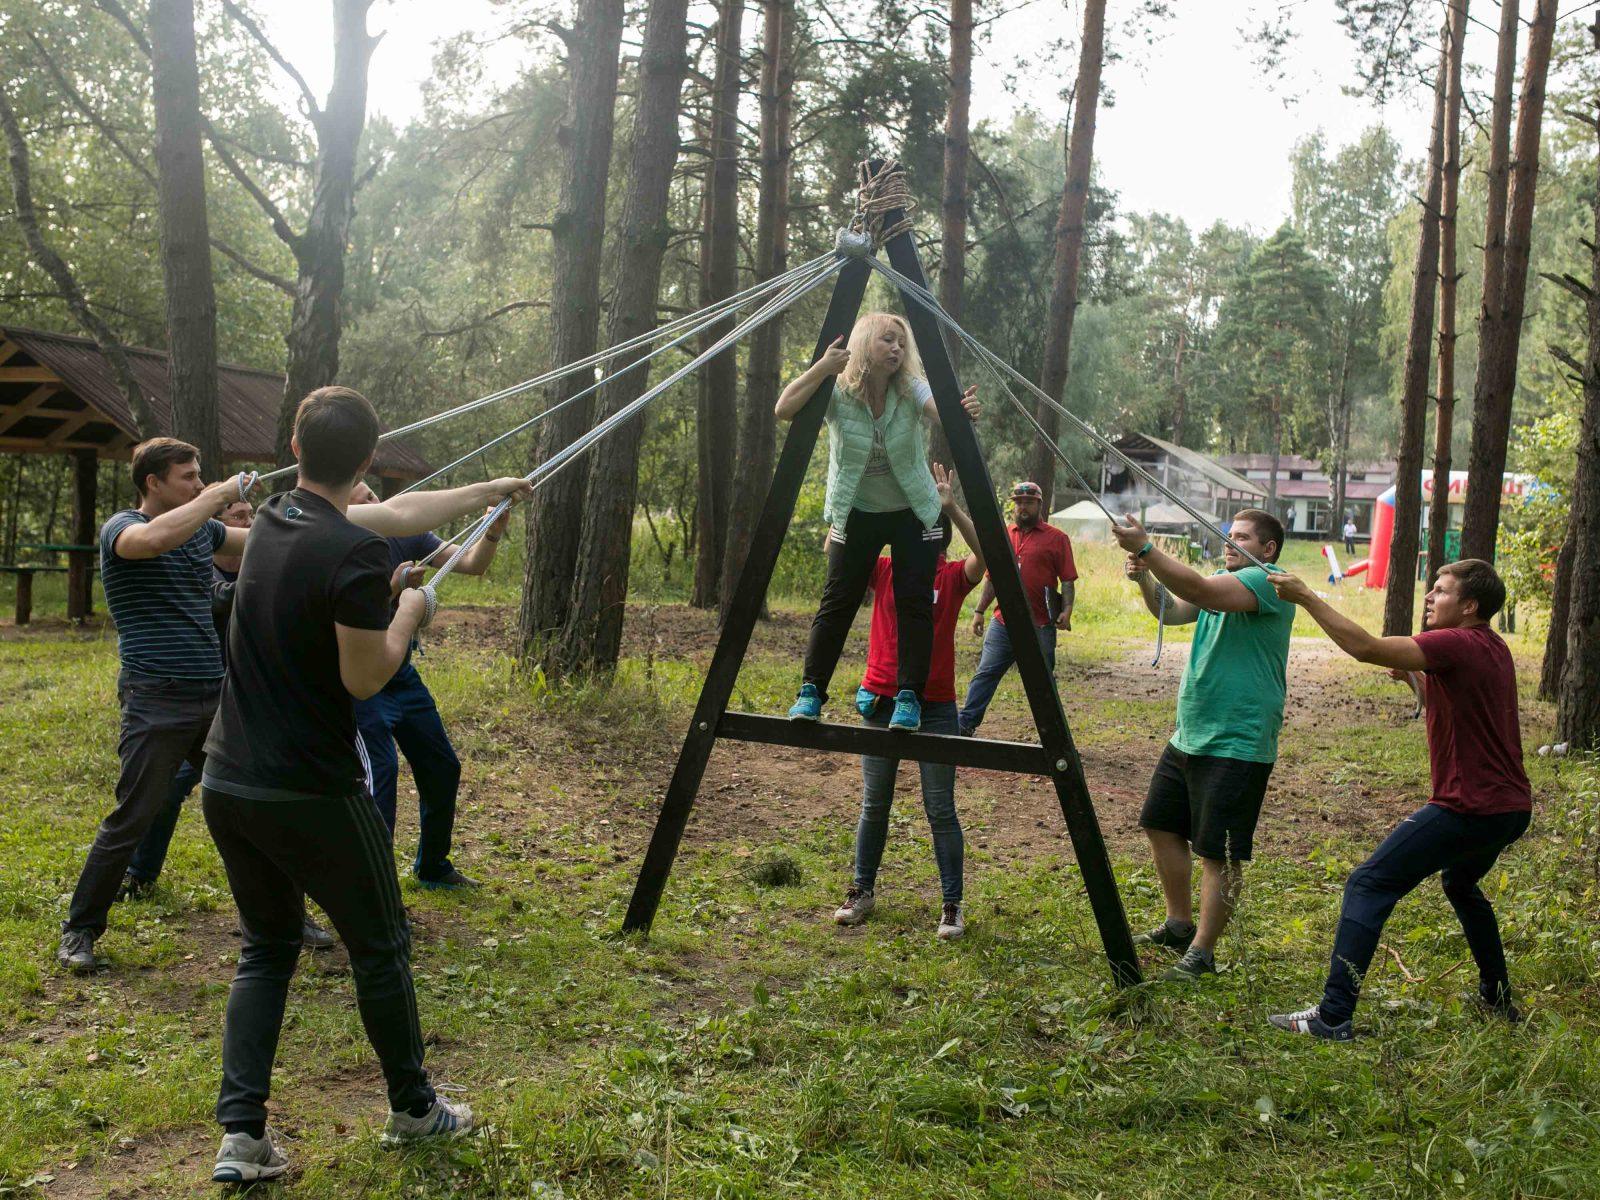 Фото проведения тимбилдинга по программе Буква А треугольник от RedG